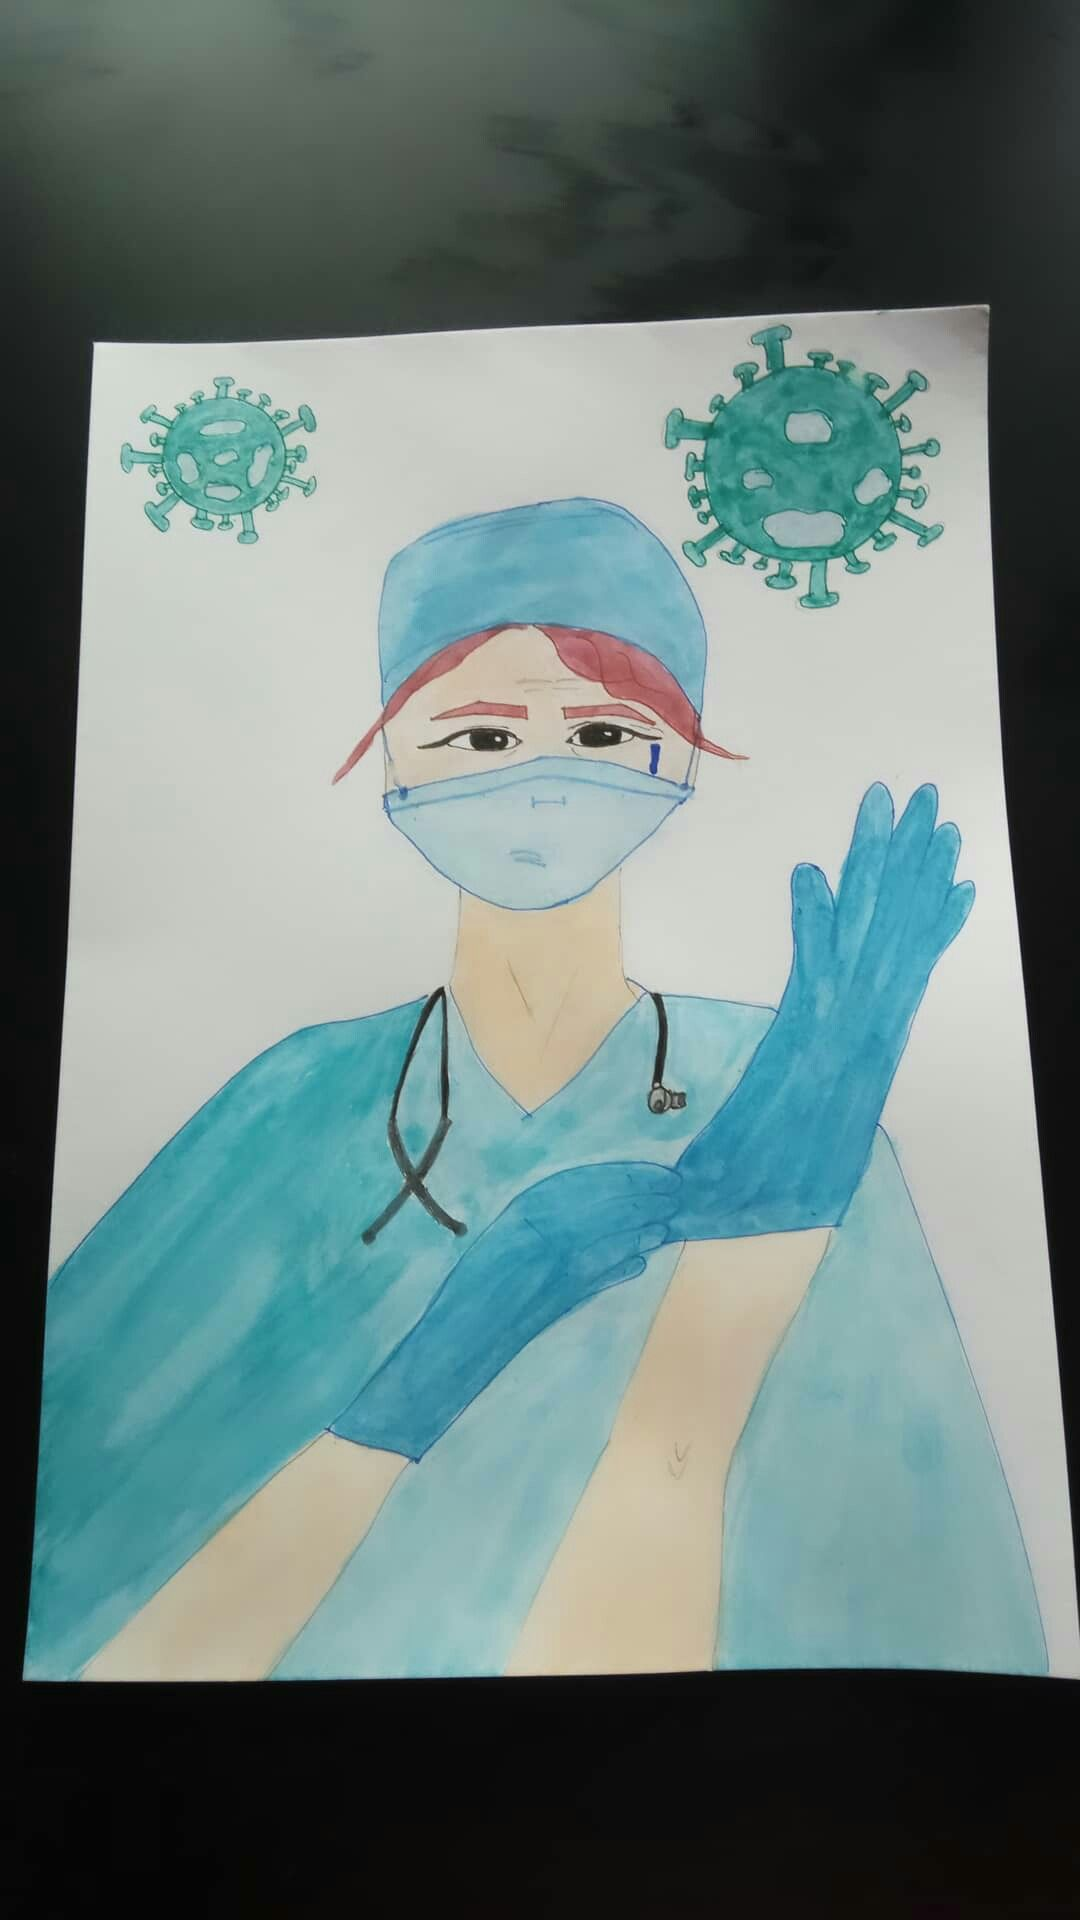 #nurse #coronovirus #painting #drawing #covid-19